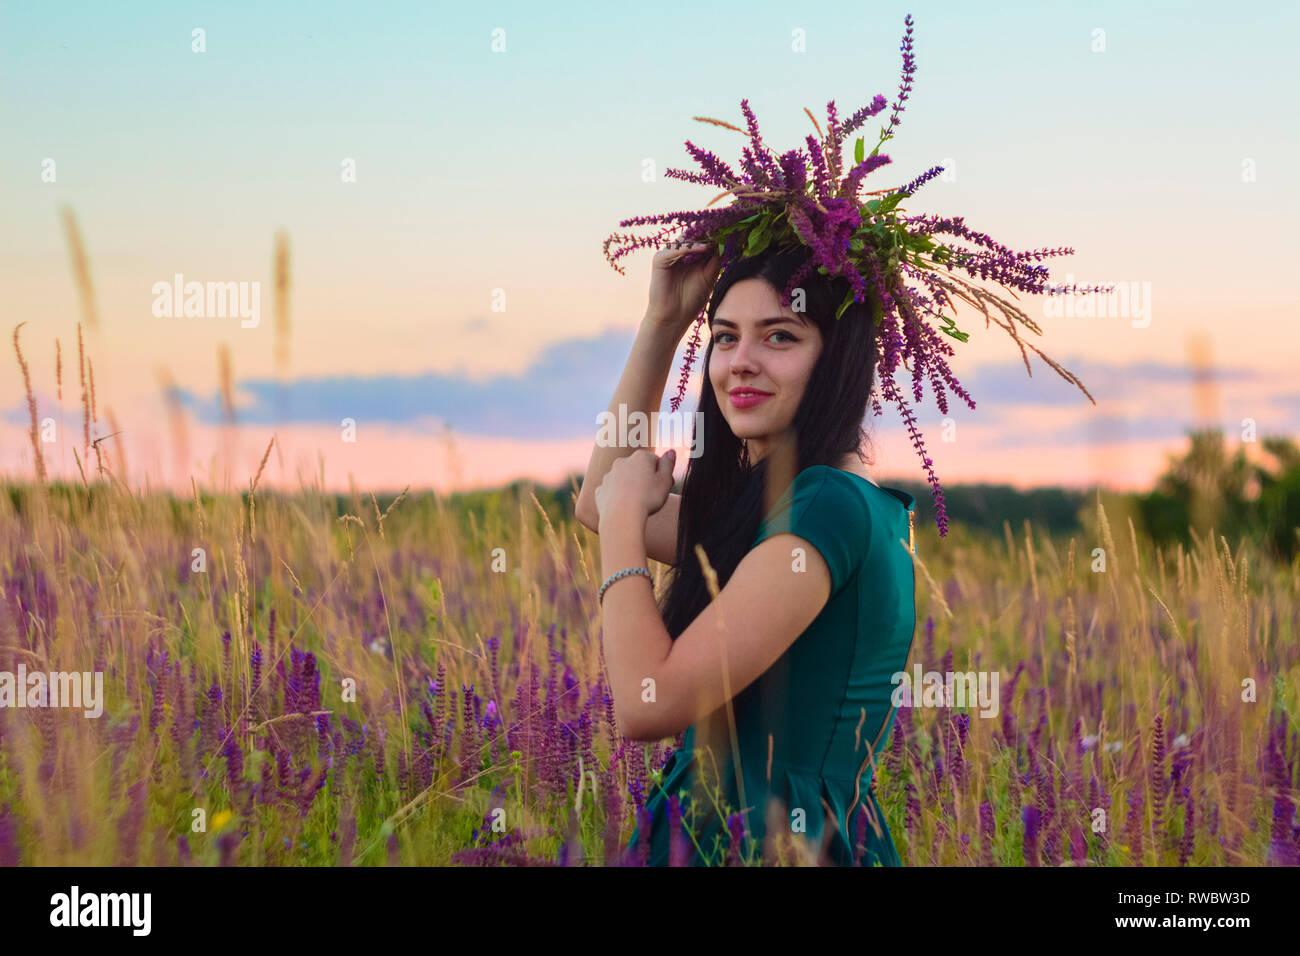 Beautiful happy brunette girl avec couronne dans les mains assis dans le champ de fleurs sur fond de paysage au coucher du soleil l'été en Ukraine. Banque D'Images